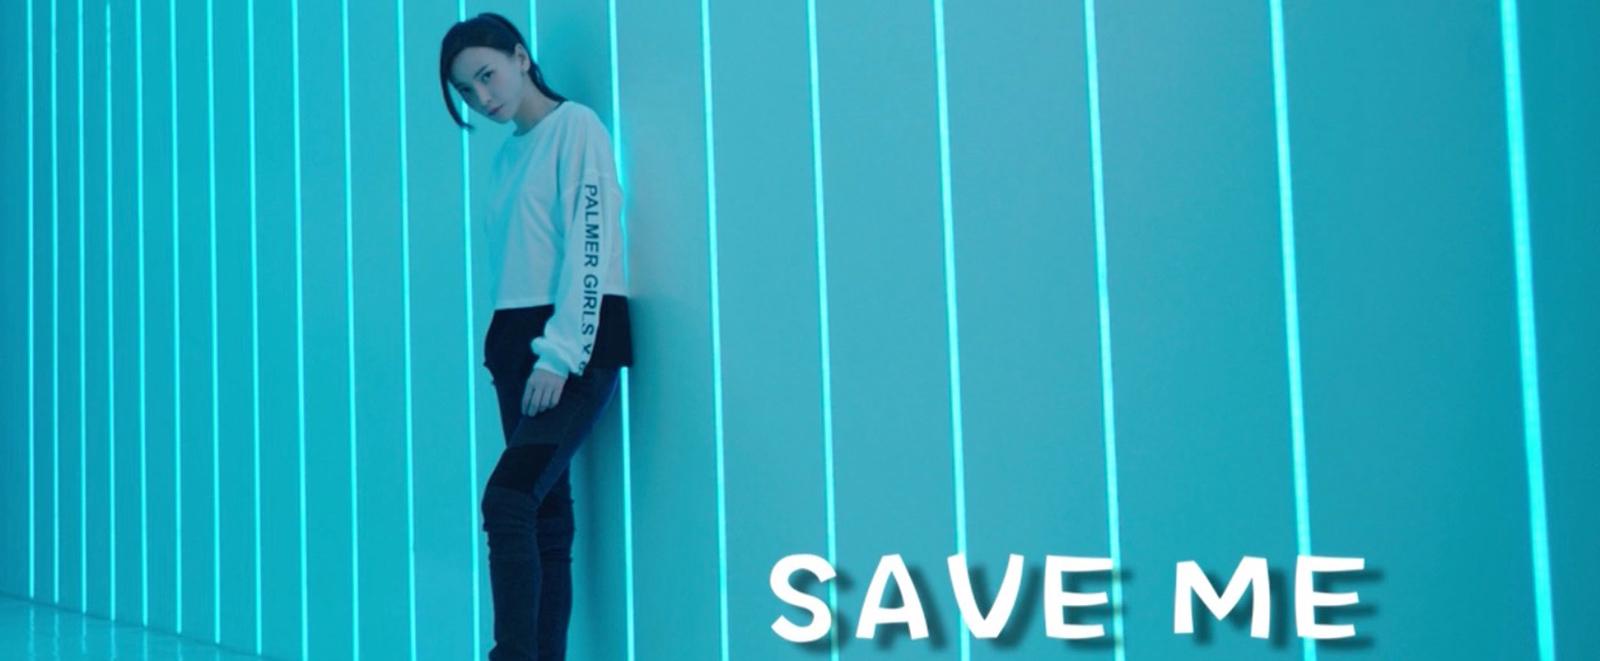 于文文音乐专辑单曲《Save Me》MV上线